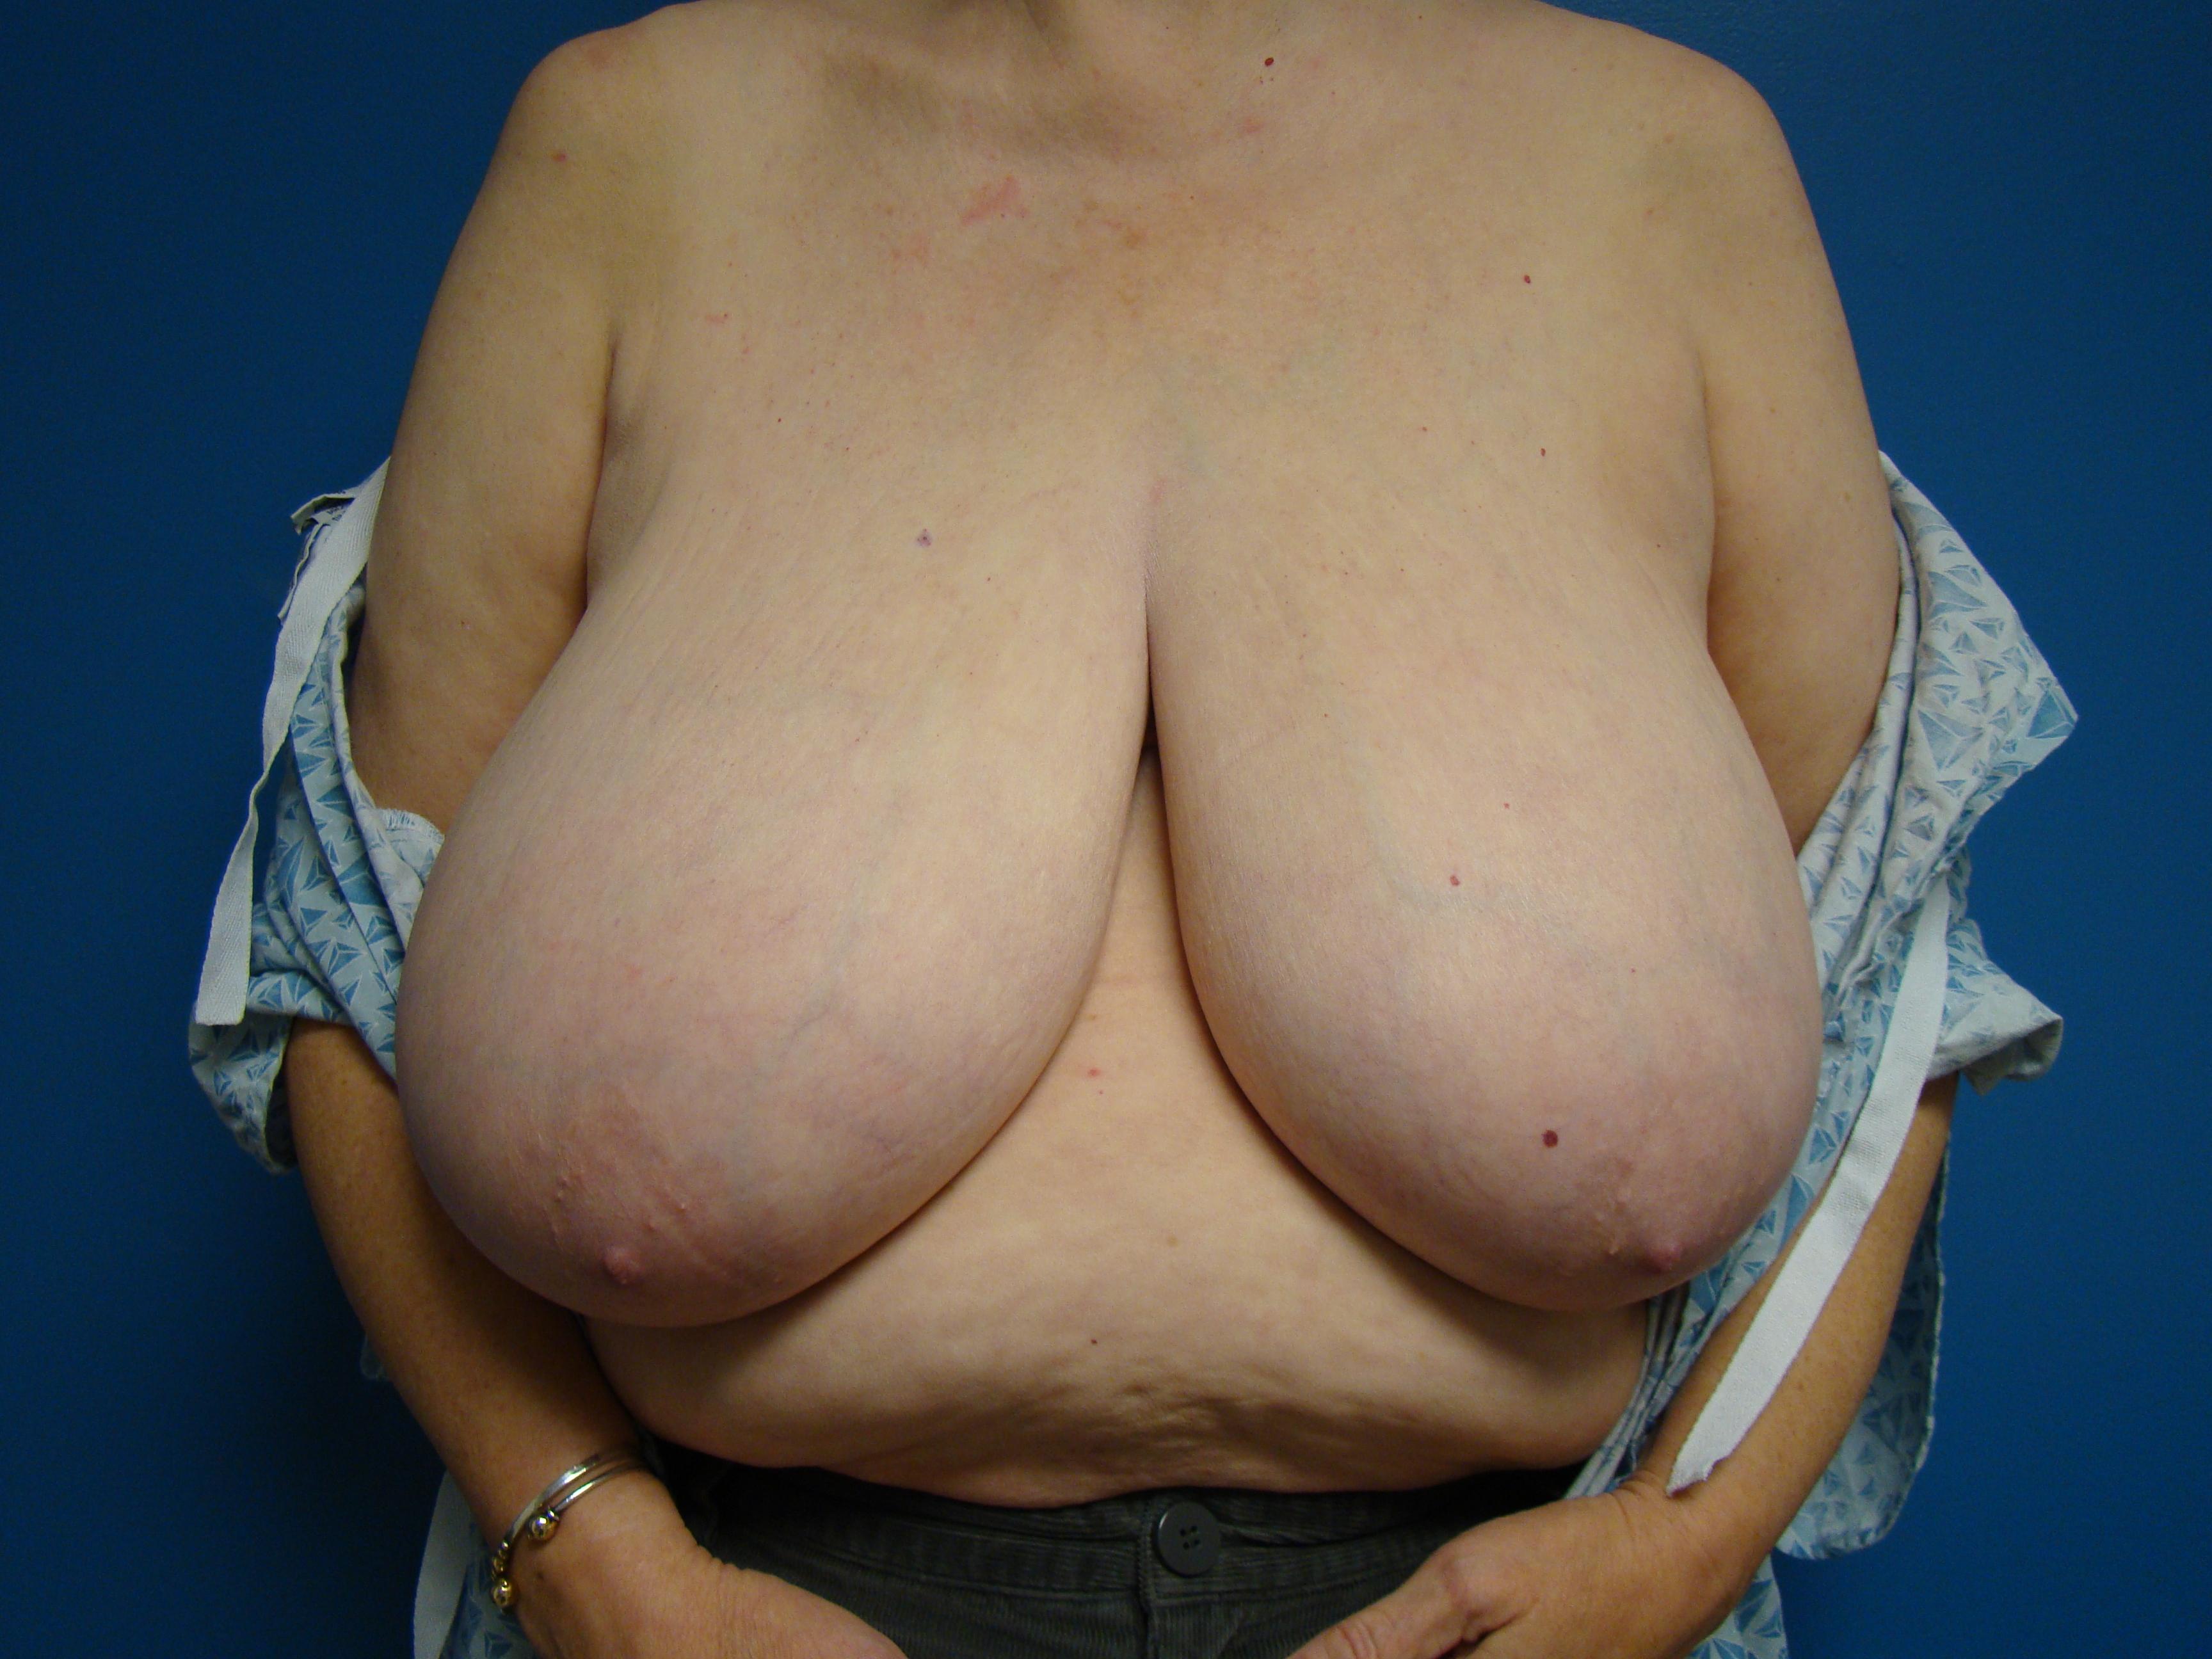 macromastia gigantomastia big tits datawav